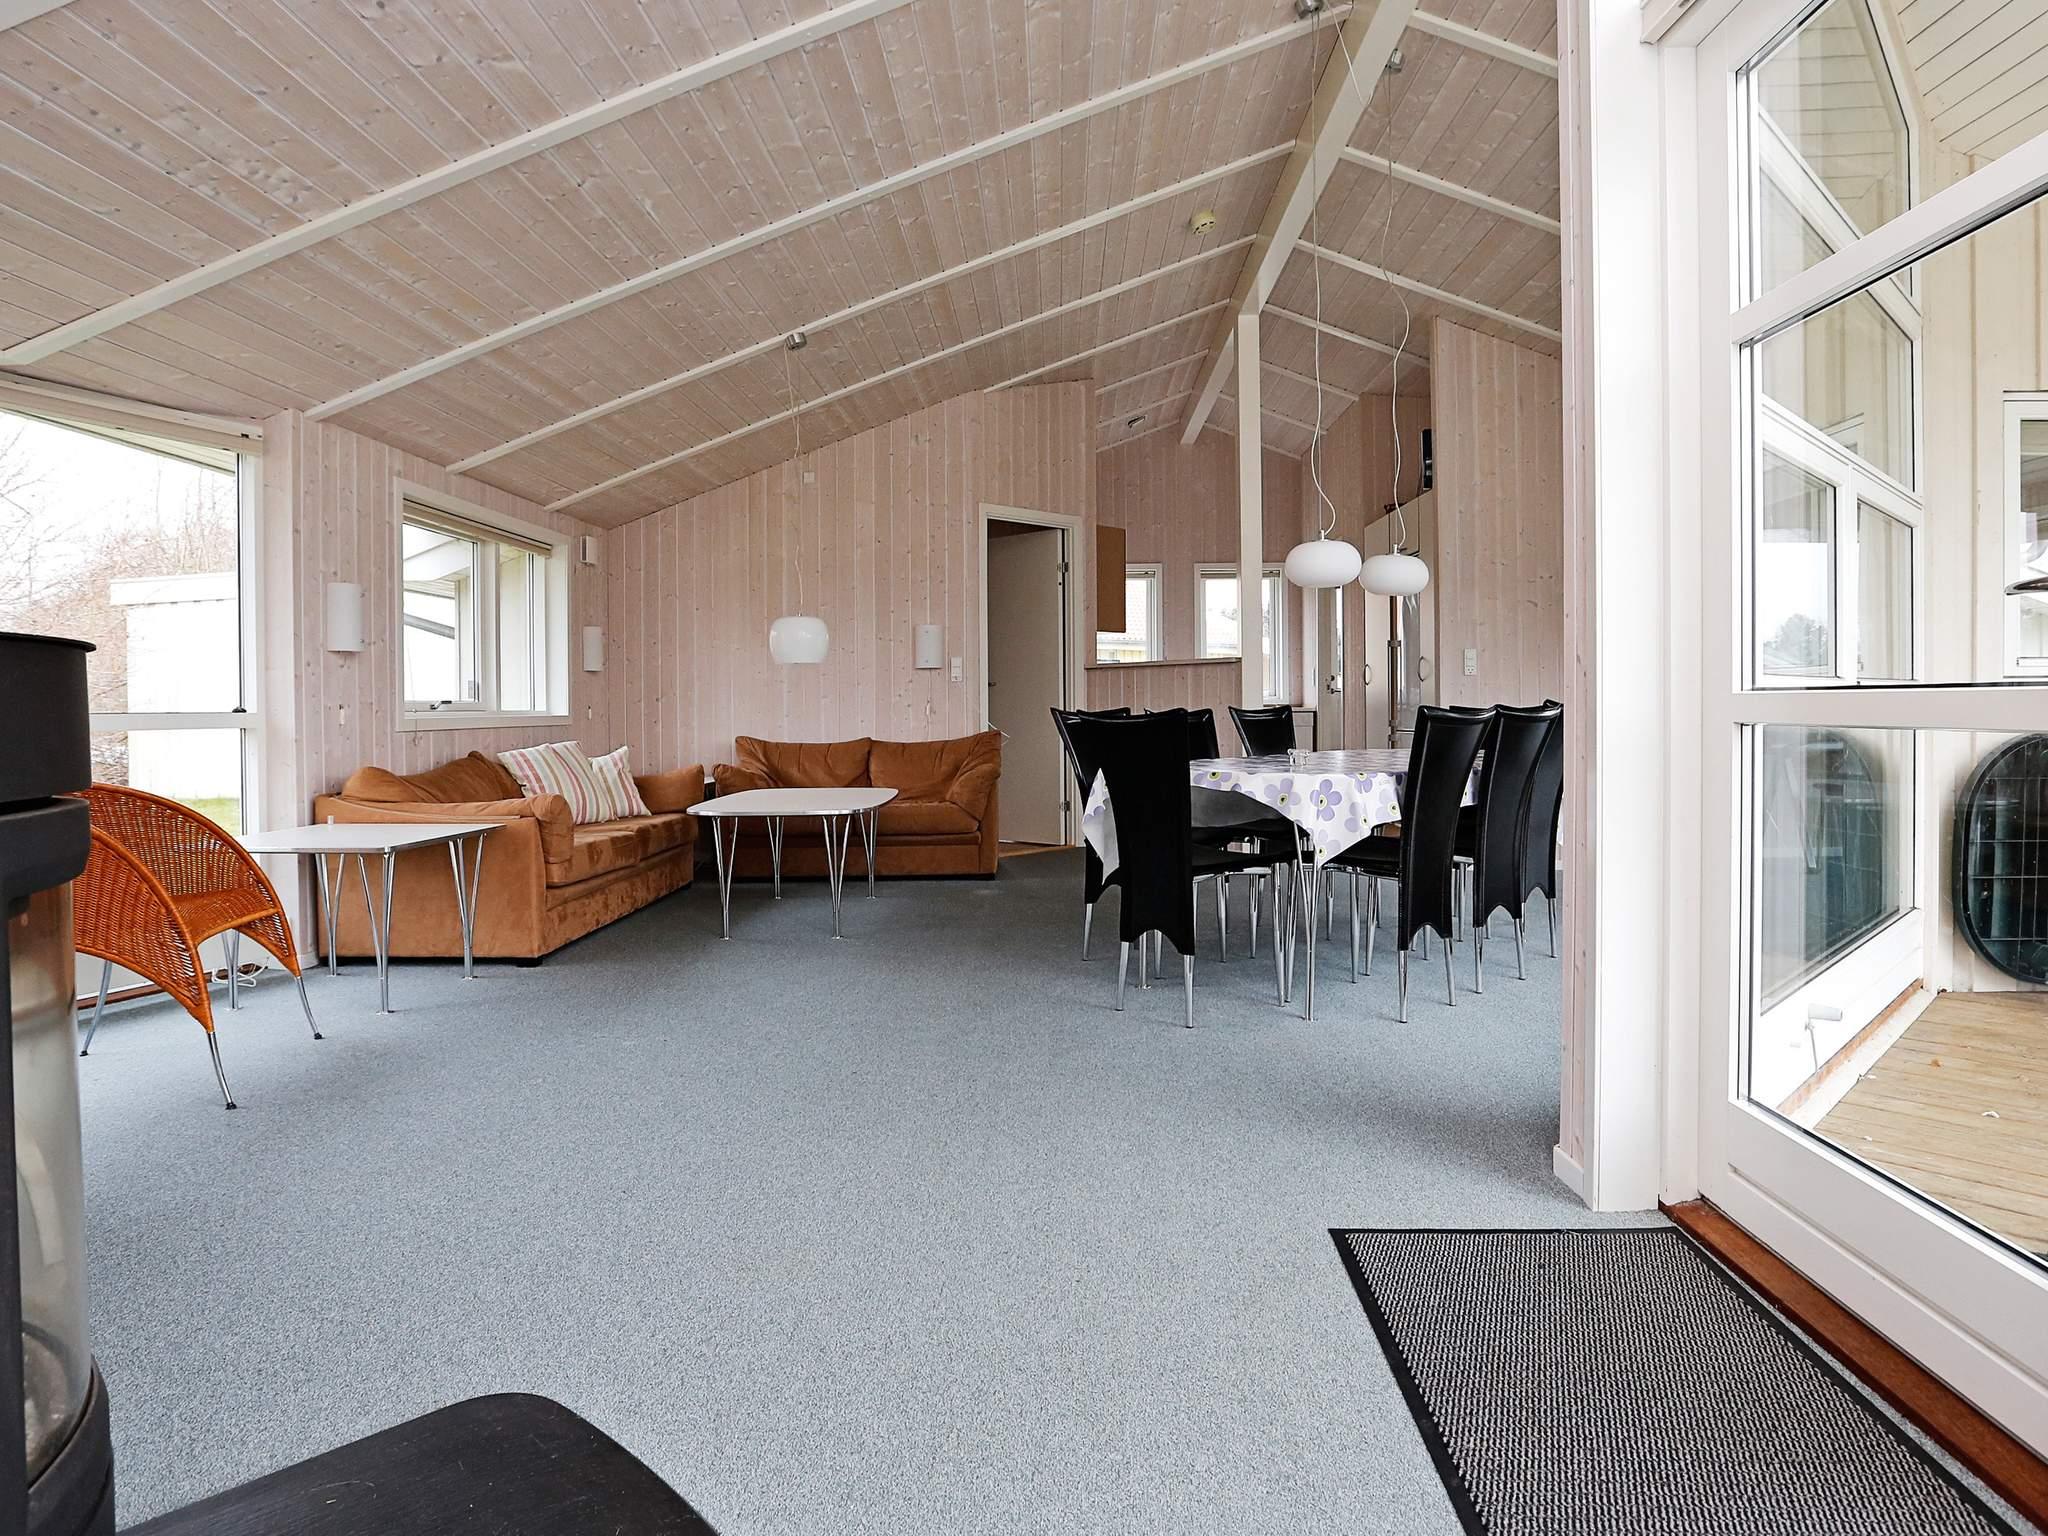 Ferienhaus Udsholt Strand (135446), Gilleleje, , Nordseeland, Dänemark, Bild 5